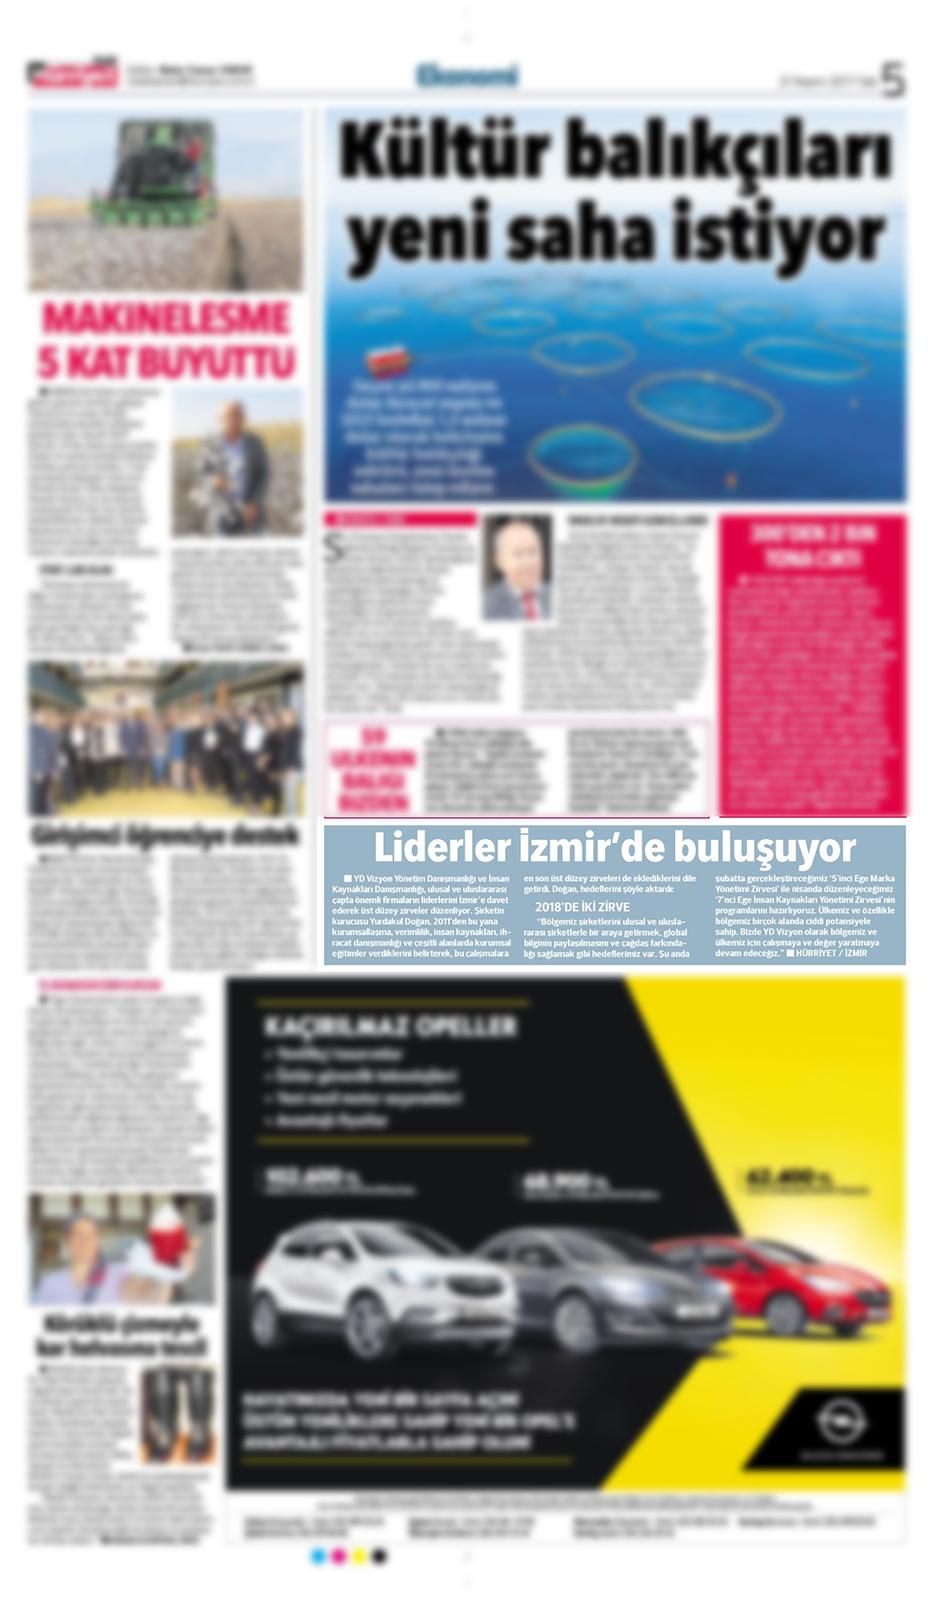 Hürriyet Ege - Röportaj - 21.11.2017